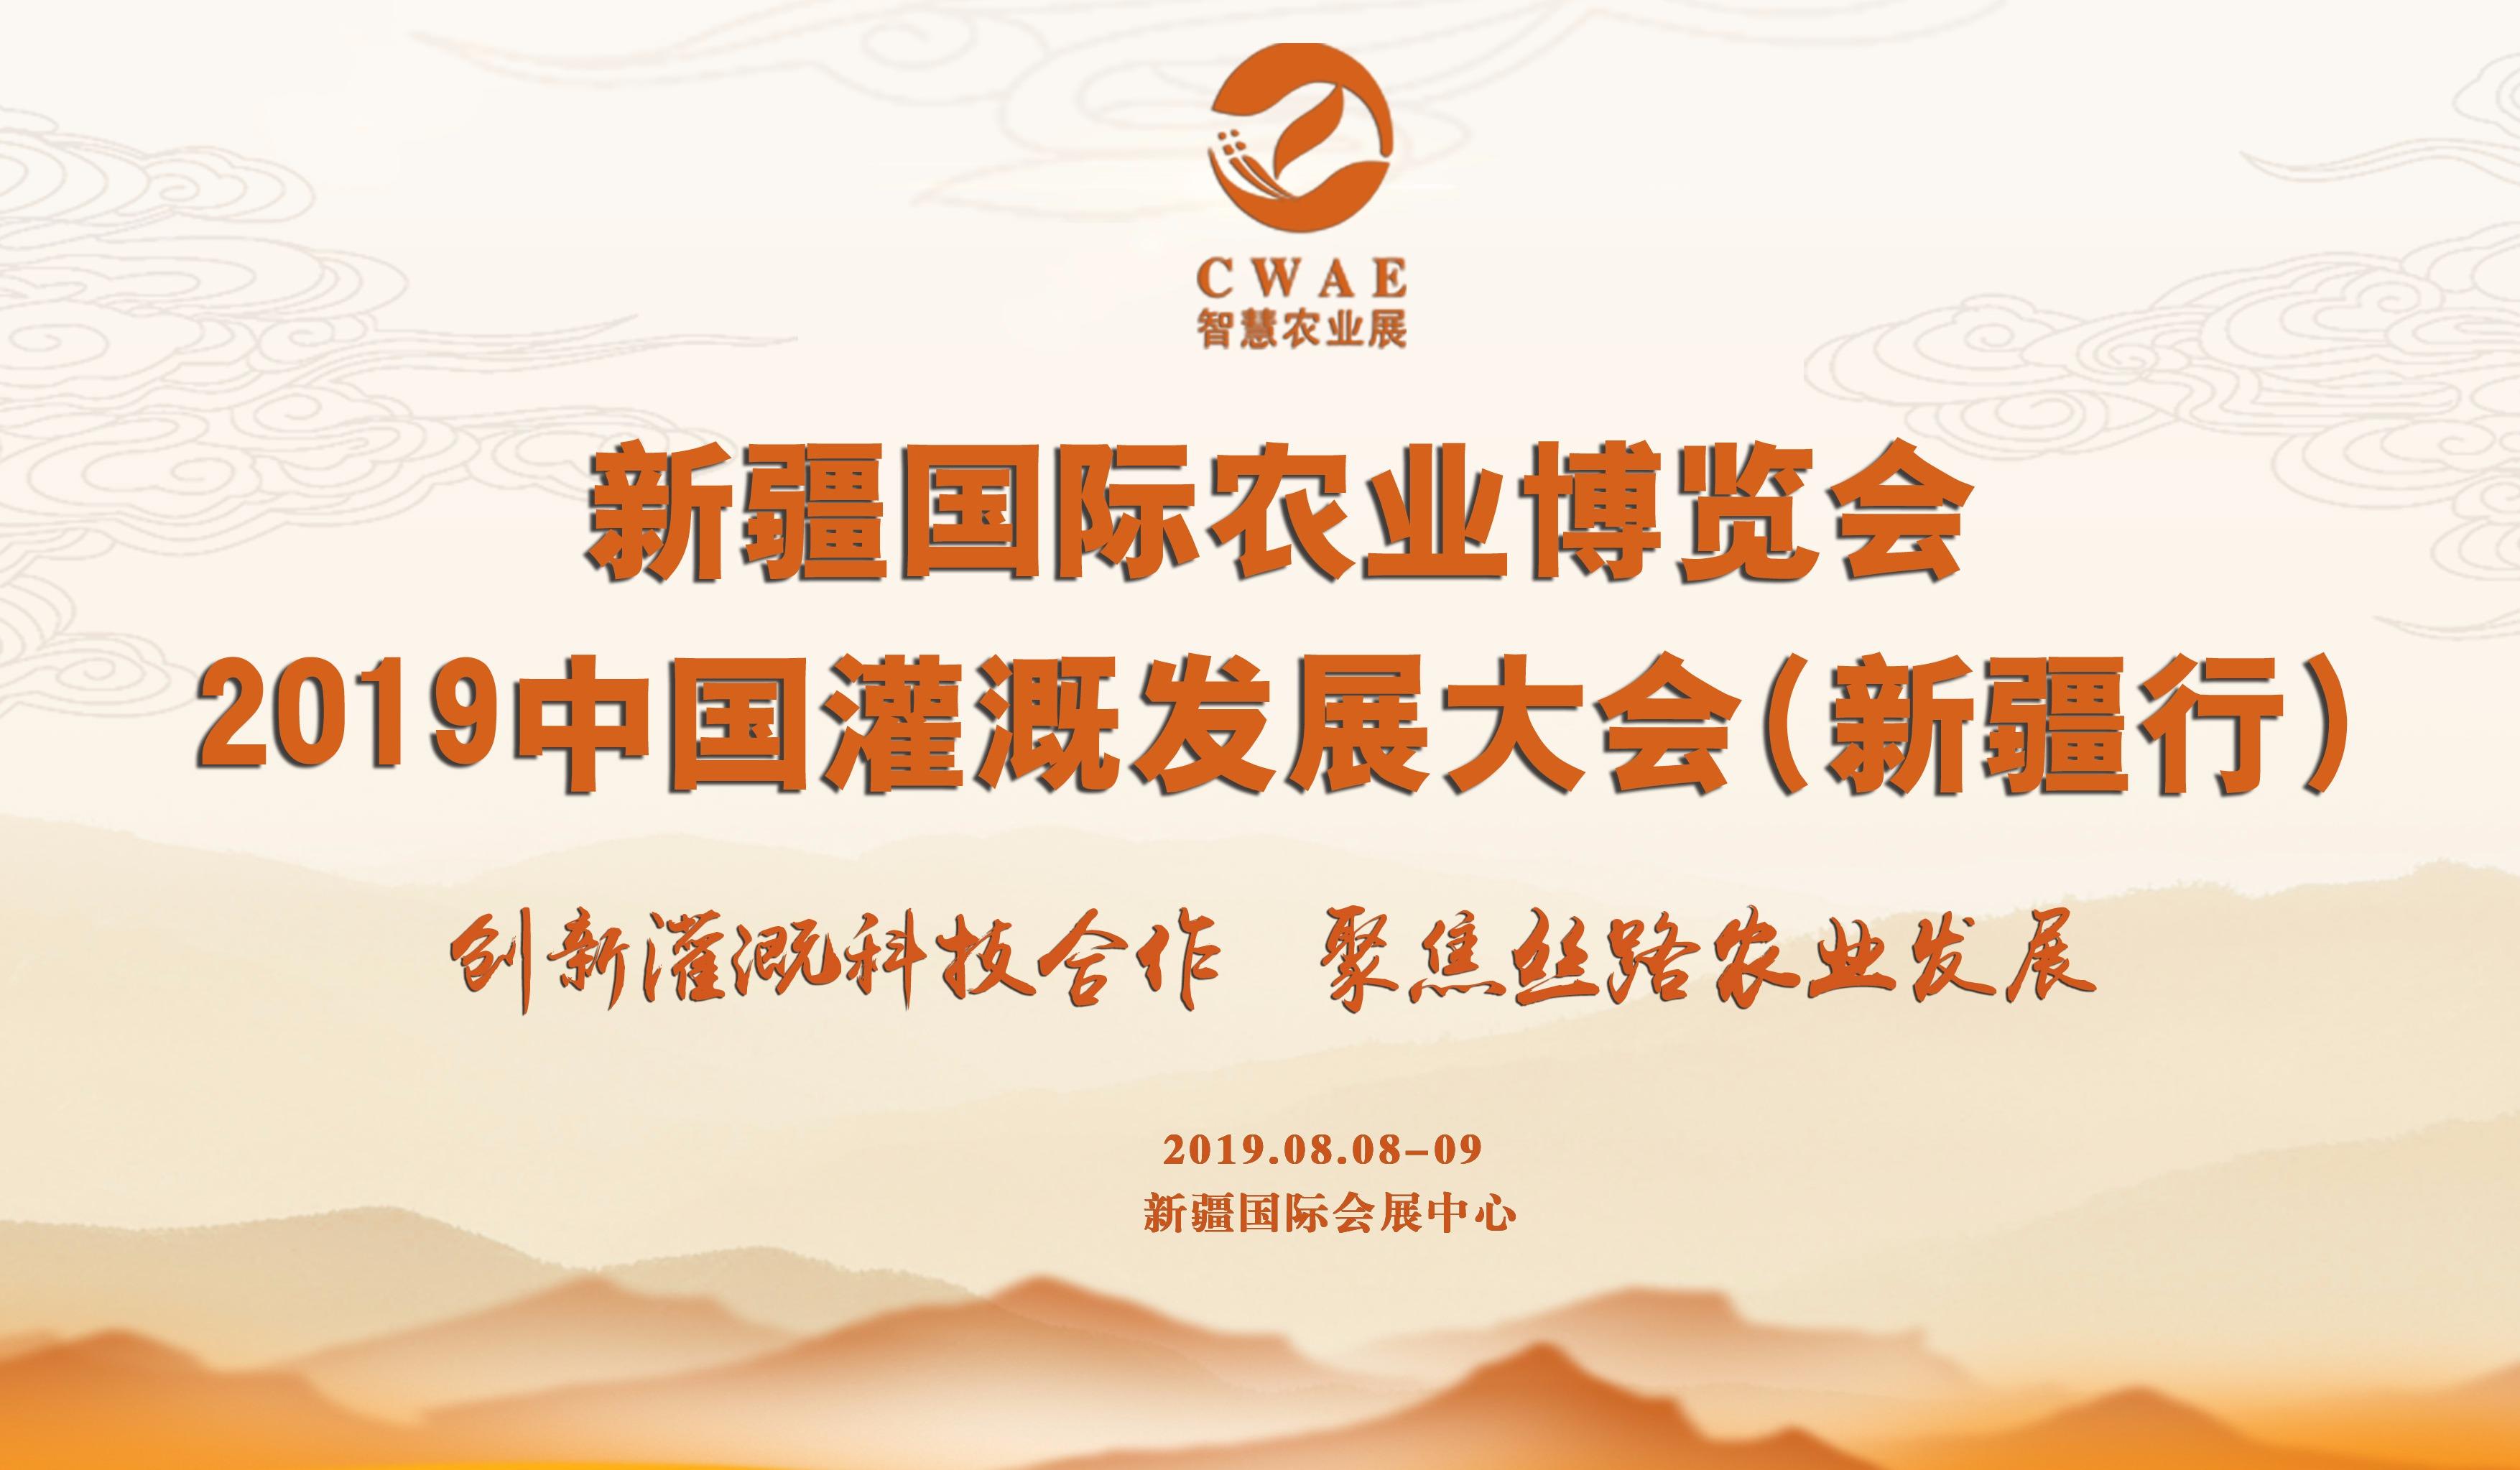 2019中国(新疆)灌溉发展大会(项目考察)/8月8日 新疆国际会展中心